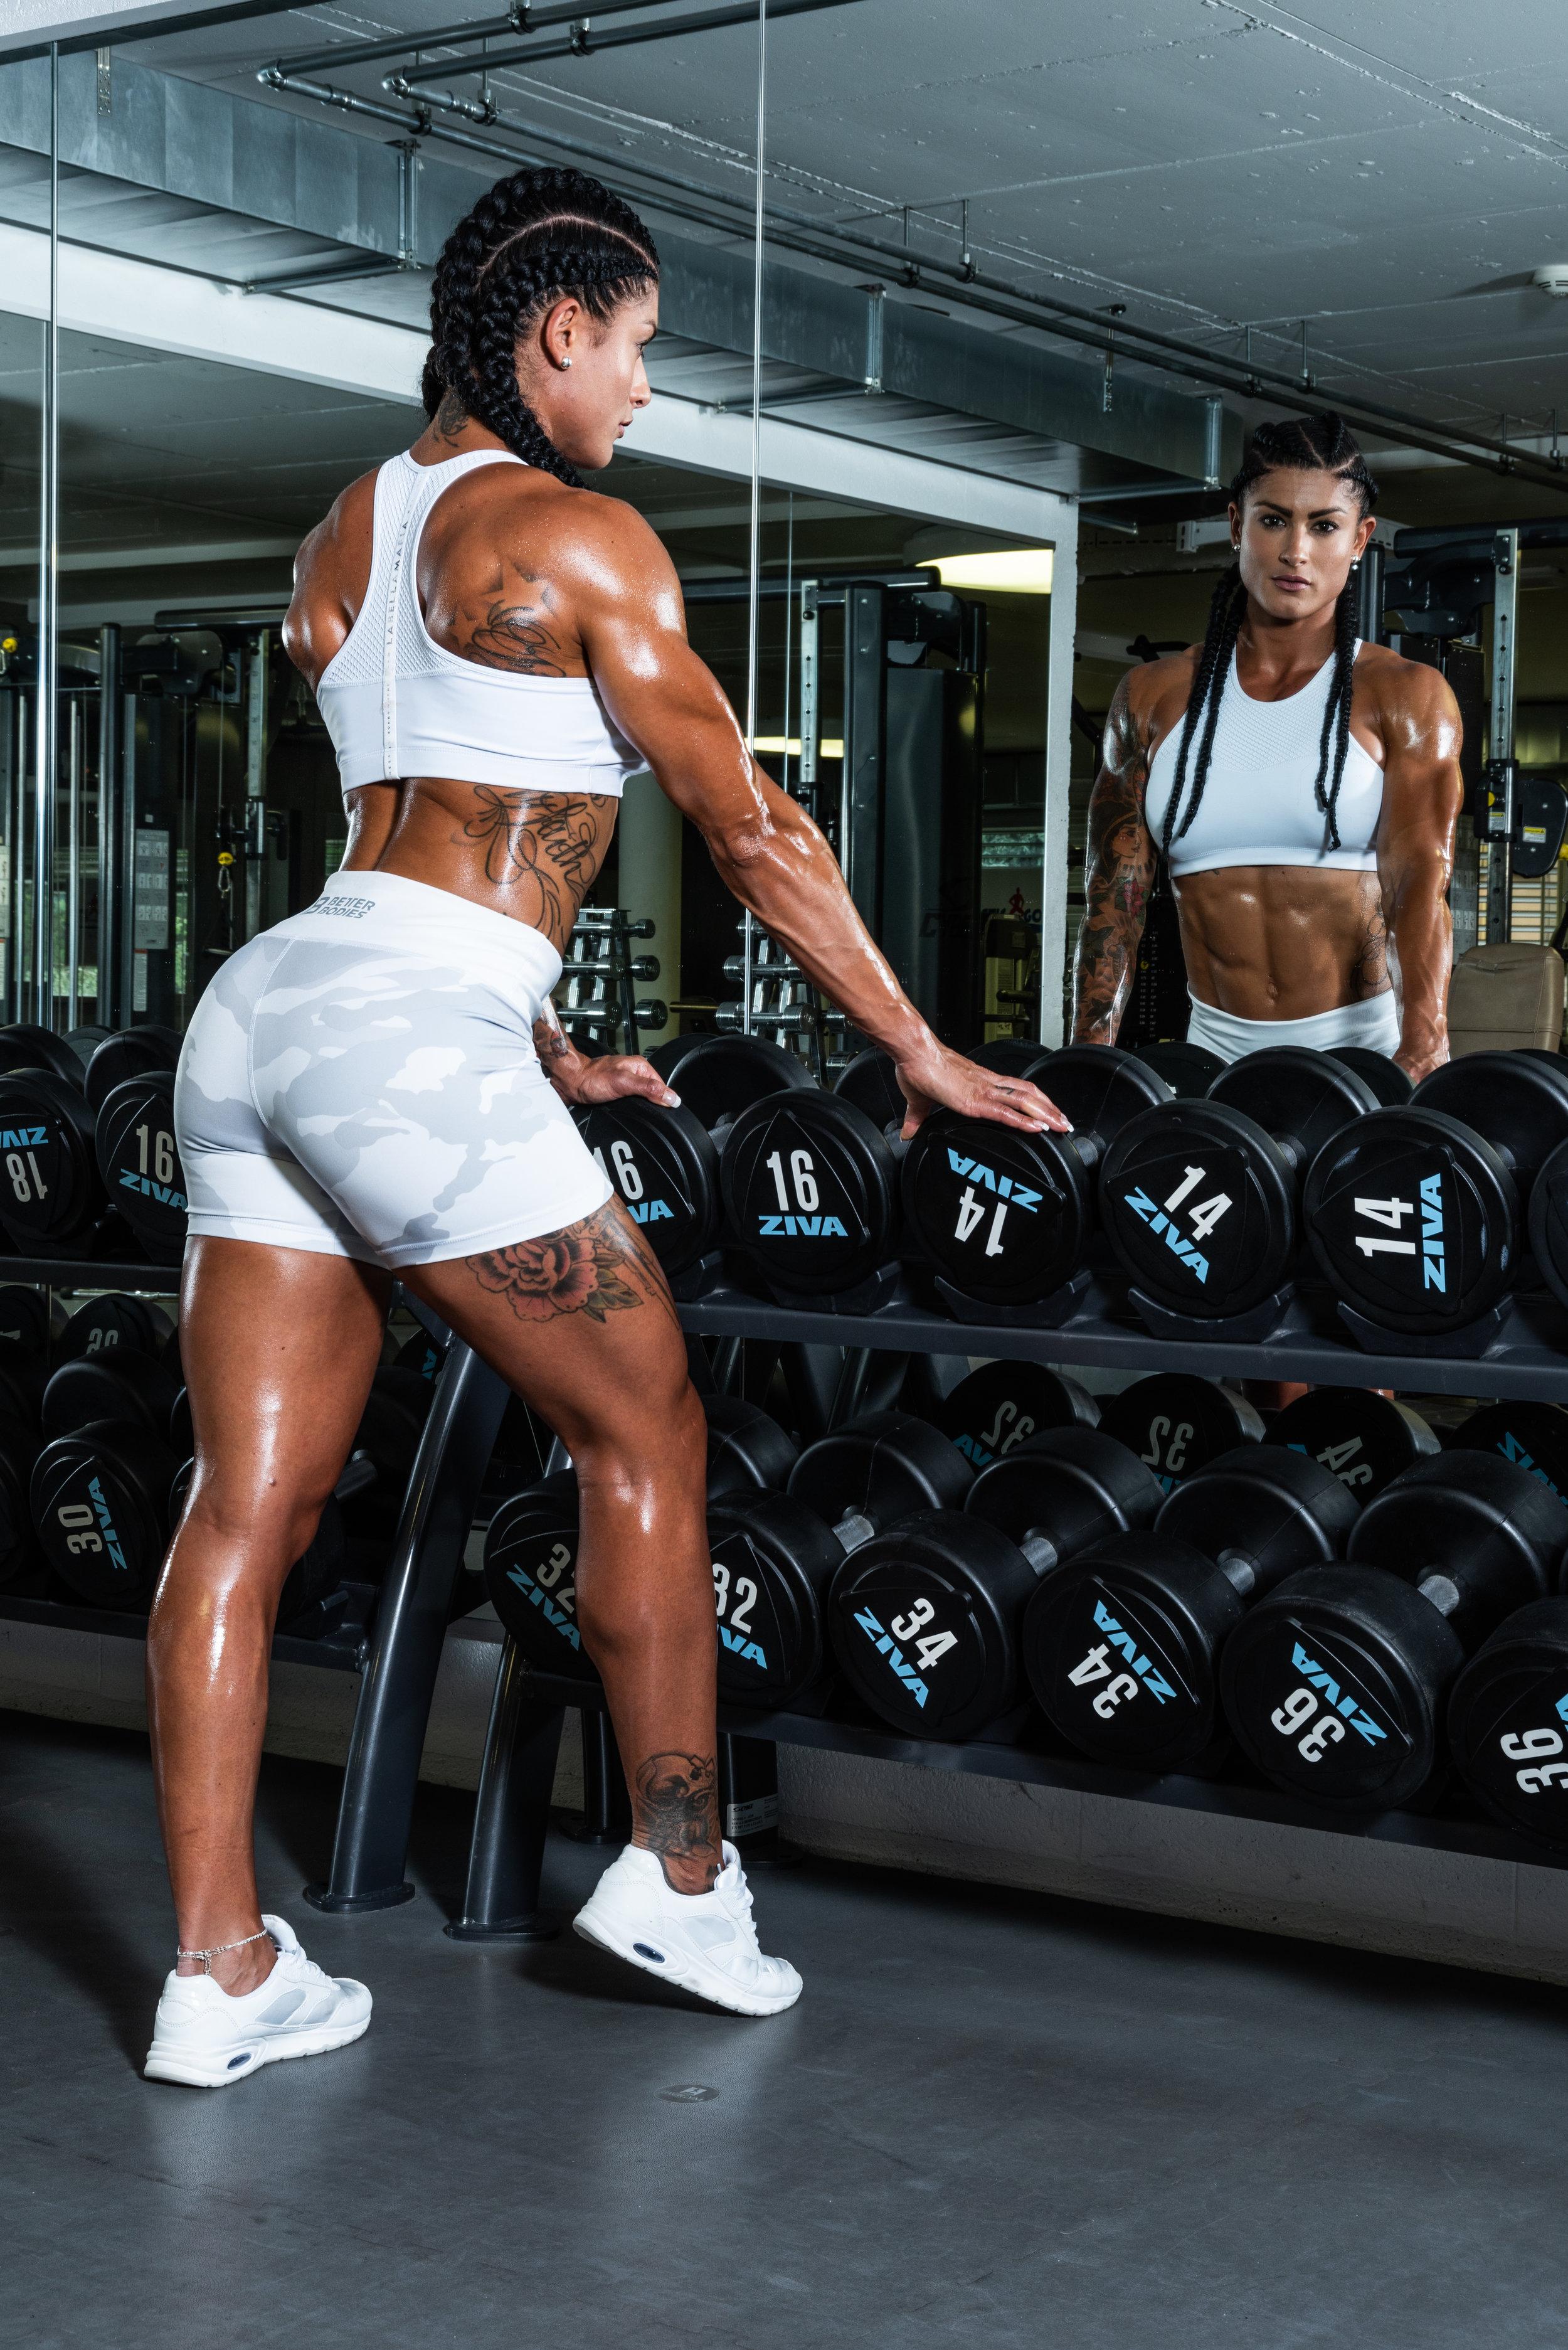 2015 / Aujourd'hui Culturisme - Poussée par un esprit compétitif, une persistance hors norme, en 2014, lorsqu'elle raccroche ses gants de karaté, elle décide de prendre un virage à 360 degré : elle se lance dans une carrière de bodybuilding.